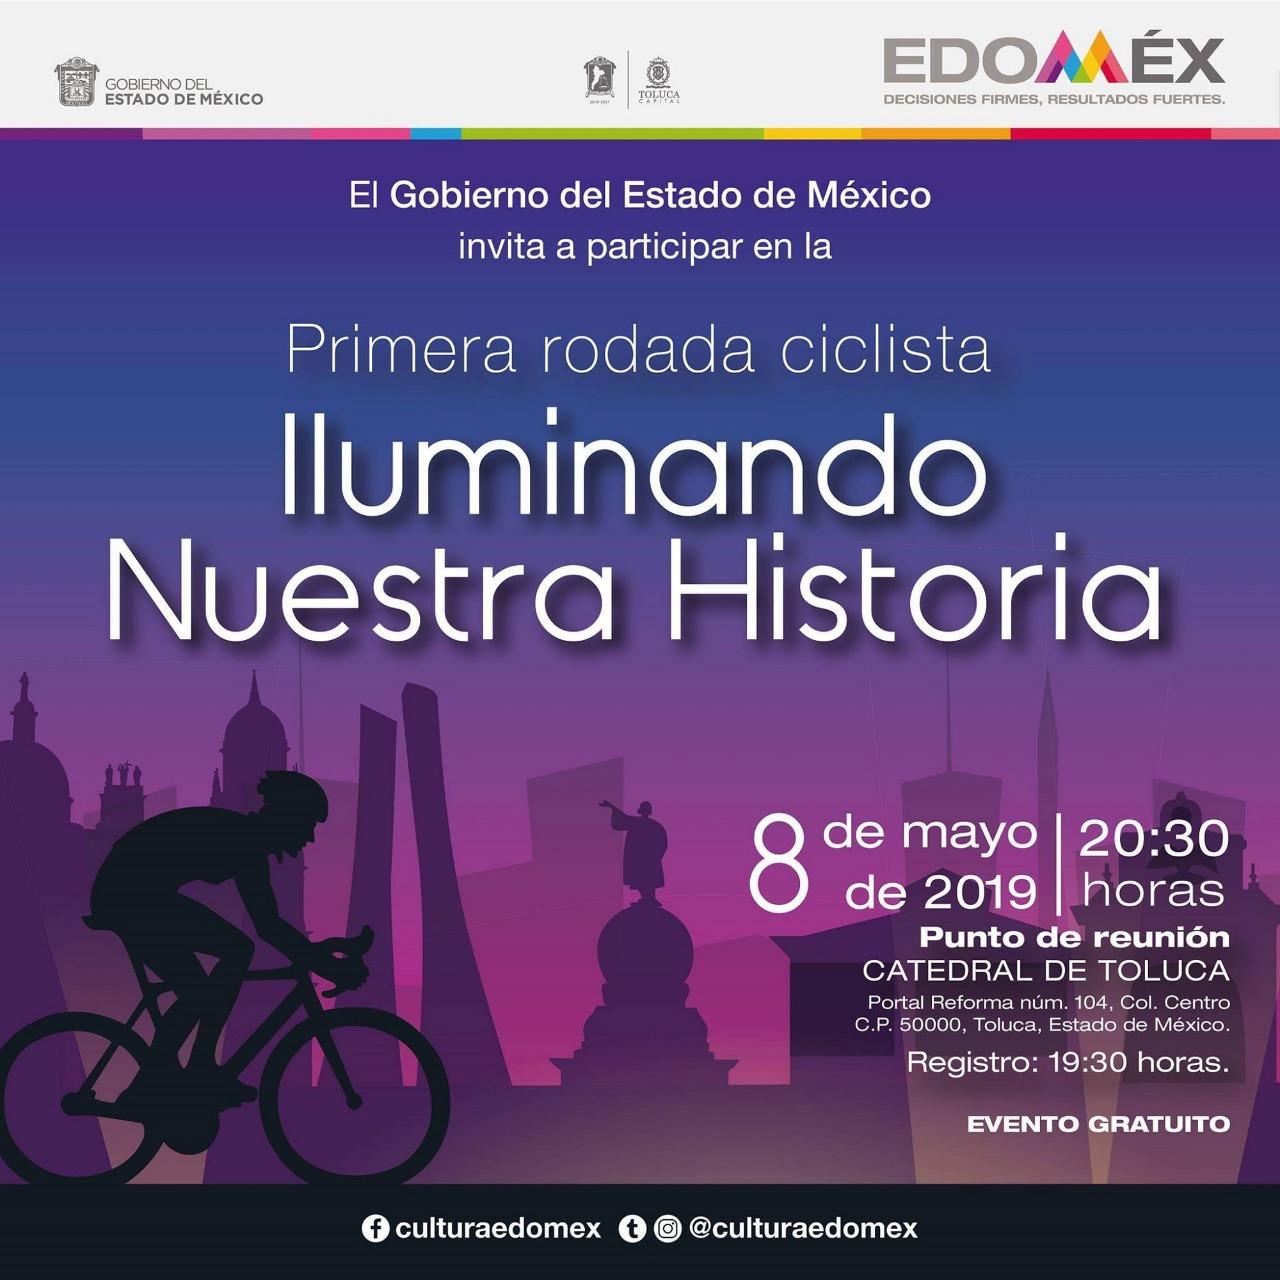 Organizan rodada nocturna en Toluca para disfrutar monumentos y edificios históricos